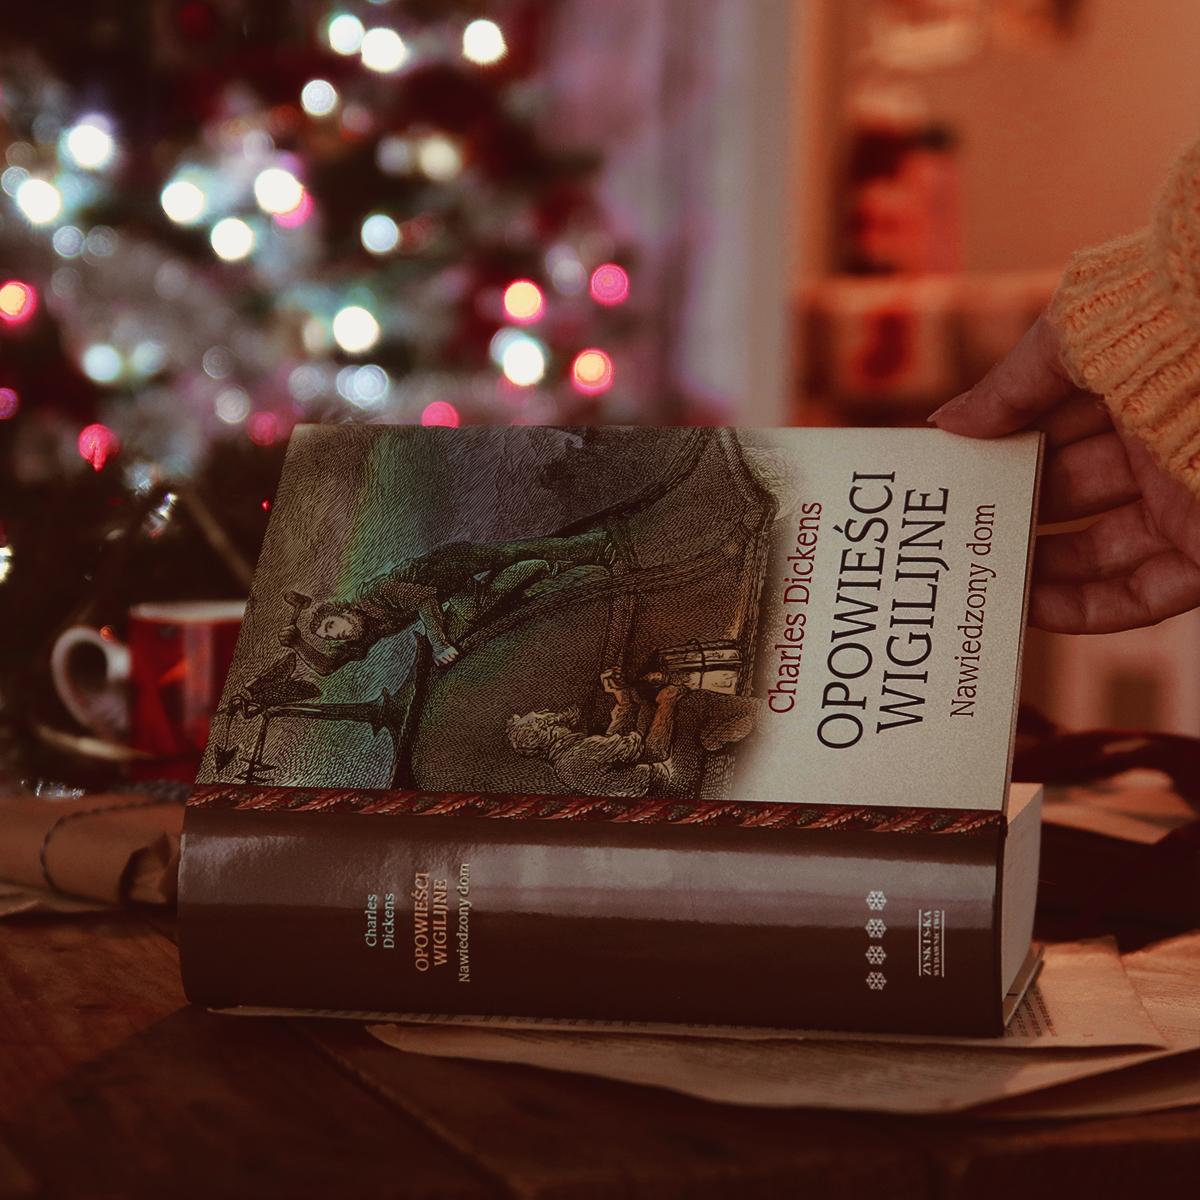 #142 Opowieści wigilijne. Nawiedzony dom - Charles Dickens - recenzja - czy warto przeczytać?